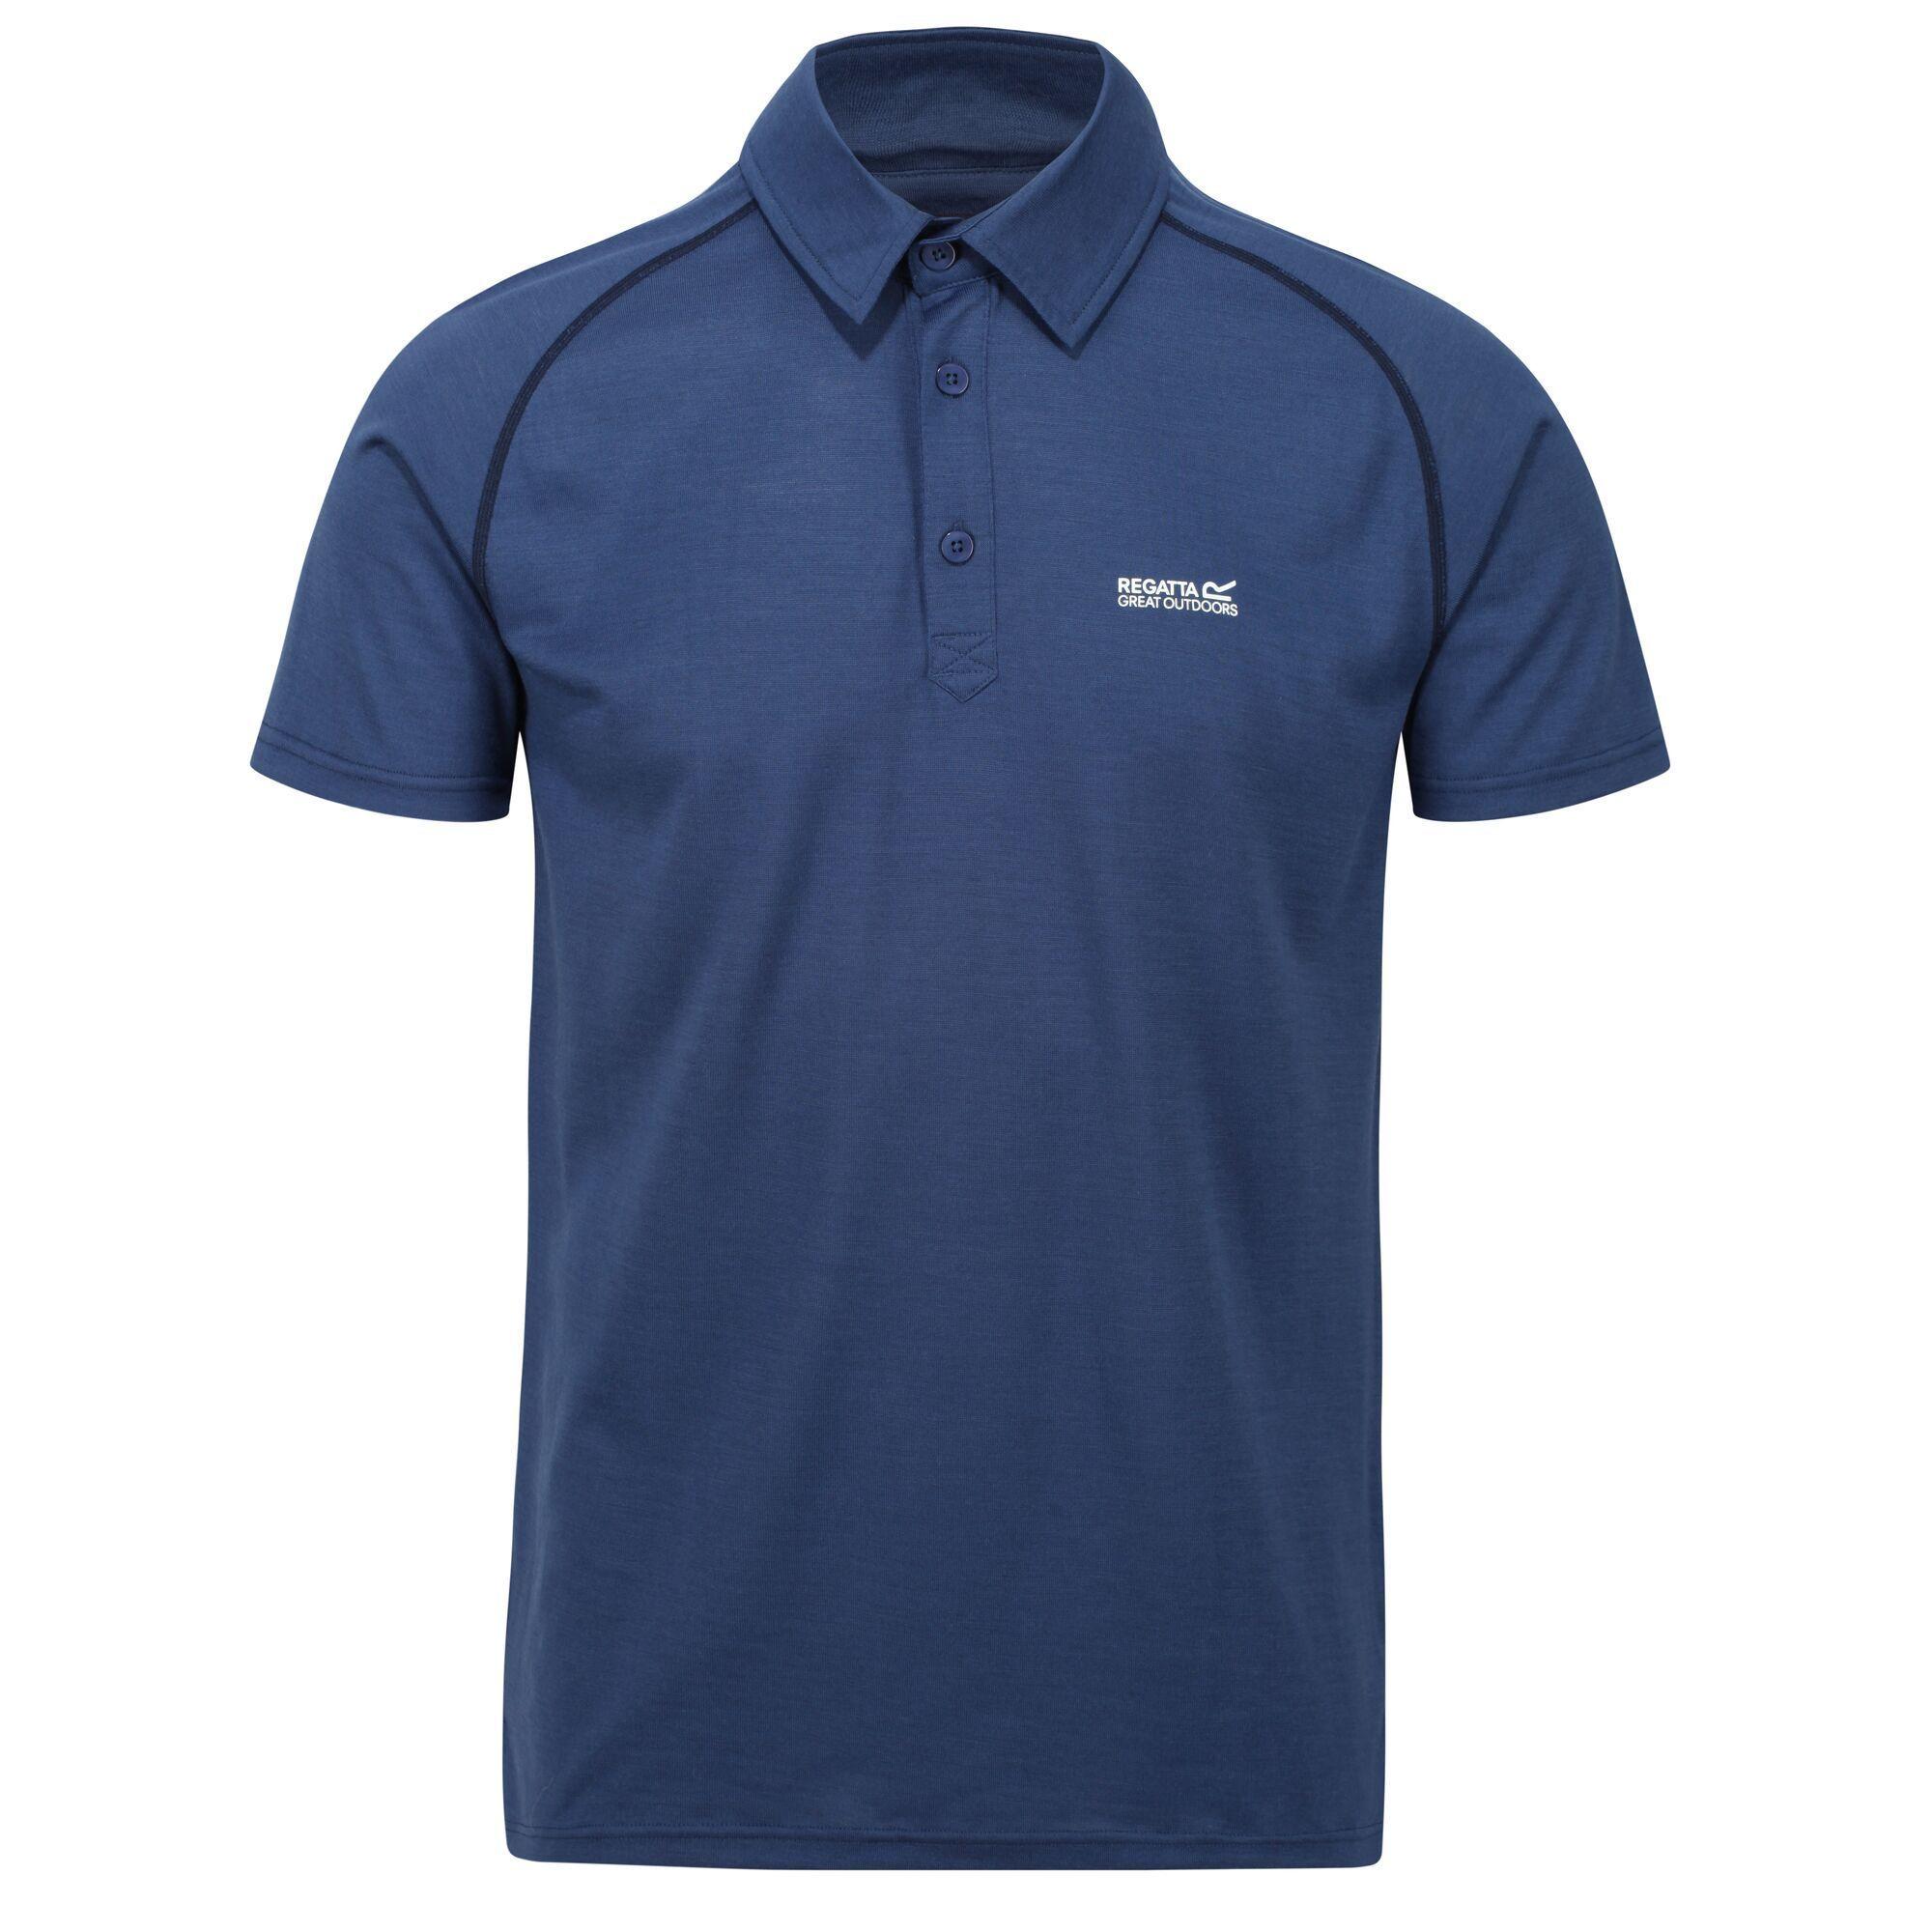 Regatta Mens Kalter Short-Sleeved Polo Shirt (Dark Denim)